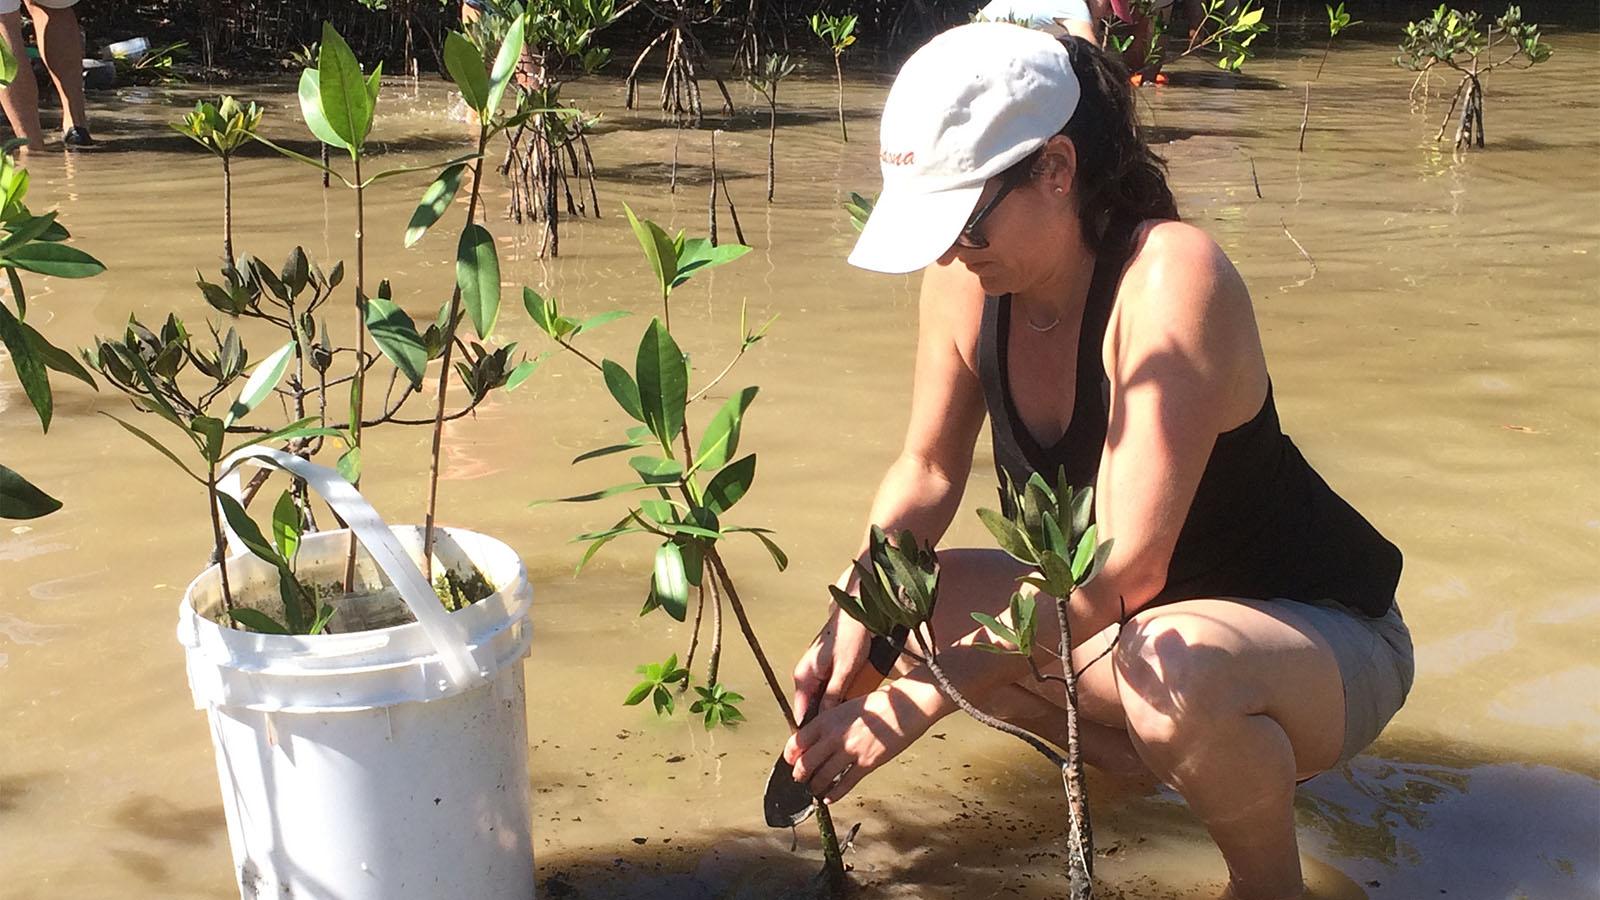 A volunteer plants juvenile mangroves in ankle deep water.